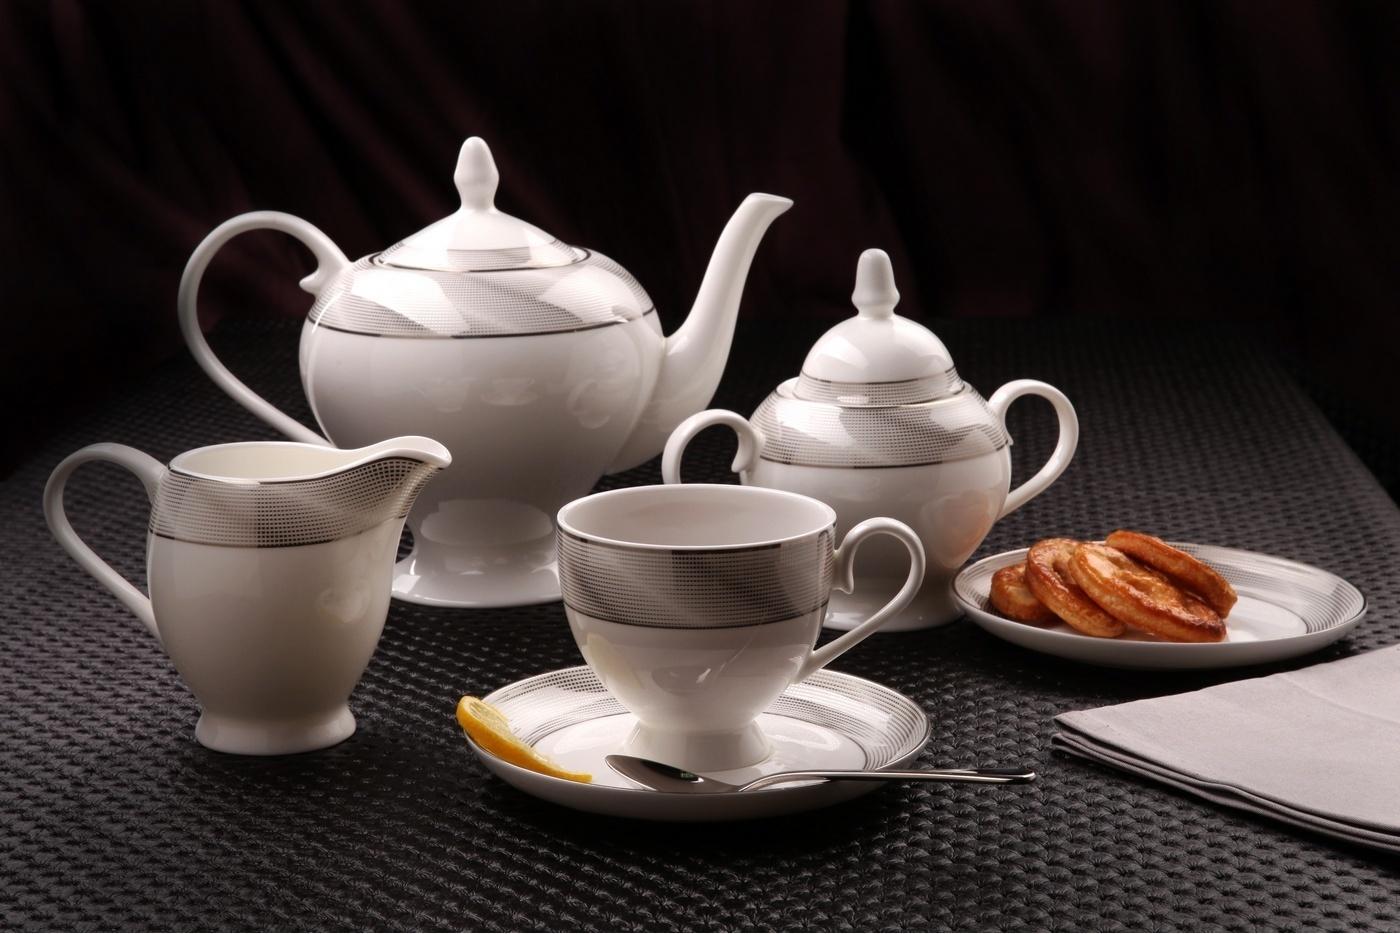 Чайный сервиз Royal Aurel Серебро арт.115, 15 предметовЧайные сервизы<br>Чайный сервиз Royal Aurel Серебро арт.115, 15 предметов<br><br><br><br><br><br><br><br><br><br><br>Чашка 270 мл,6 шт.<br>Блюдце 15 см,6 шт.<br>Чайник 1100 мл<br>Сахарница 370 мл<br><br><br><br><br><br><br><br><br>Молочник 300 мл<br><br><br><br><br><br><br><br><br>Производить посуду из фарфора начали в Китае на стыке 6-7 веков. Неустанно совершенствуя и селективно отбирая сырье для производства посуды из фарфора, мастерам удалось добиться выдающихся характеристик фарфора: белизны и тонкостенности. В XV веке появился особый интерес к китайской фарфоровой посуде, так как в это время Европе возникла мода на самобытные китайские вещи. Роскошный китайский фарфор являлся изыском и был в новинку, поэтому он выступал в качестве подарка королям, а также знатным людям. Такой дорогой подарок был очень престижен и по праву являлся элитной посудой. Как известно из многочисленных исторических документов, в Европе китайские изделия из фарфора ценились практически как золото. <br>Проверка изделий из костяного фарфора на подлинность <br>По сравнению с производством других видов фарфора процесс производства изделий из настоящего костяного фарфора сложен и весьма длителен. Посуда из изящного фарфора - это элитная посуда, которая всегда ассоциируется с богатством, величием и благородством. Несмотря на небольшую толщину, фарфоровая посуда - это очень прочное изделие. Для демонстрации плотности и прочности фарфора можно легко коснуться предметов посуды из фарфора деревянной палочкой, и тогда мы услушим характерный металлический звон. В составе фарфоровой посуды присутствует костяная зола, благодаря чему она может быть намного тоньше (не более 2,5 мм) и легче твердого или мягкого фарфора. Безупречная белизна - ключевой признак отличия такого фарфора от других. Цвет обычного фарфора сероватый или ближе к голубоватому, а костяной фарфор будет всегда будет молочно-белого цвета. Характерная и немаловажная деталь - это нев